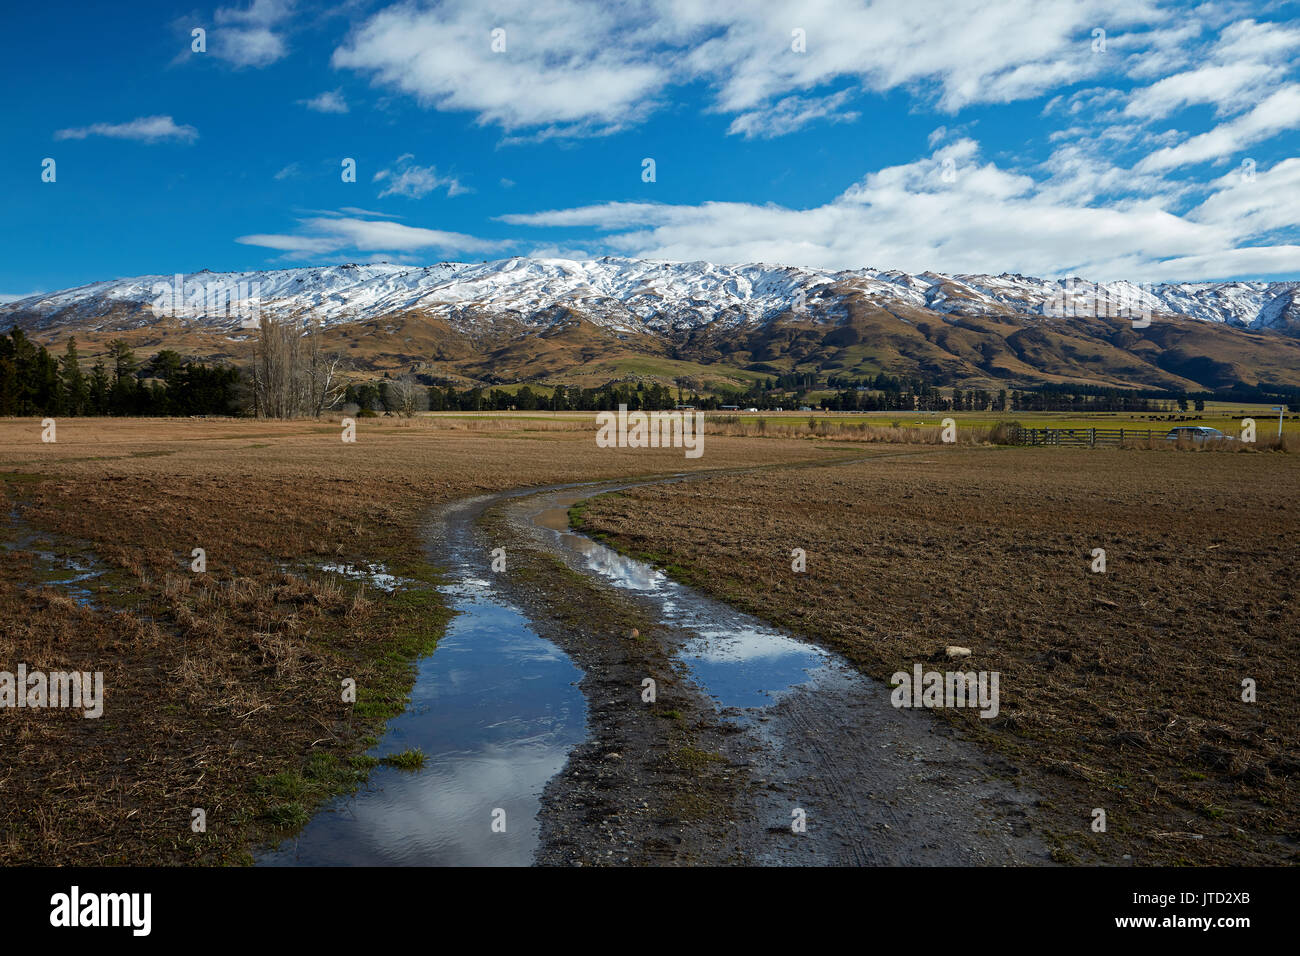 Feldweg und Rock und Säule, Sutton, in der Nähe von Middlemarch, Strath Taieri, Otago, Südinsel, Neuseeland Stockbild